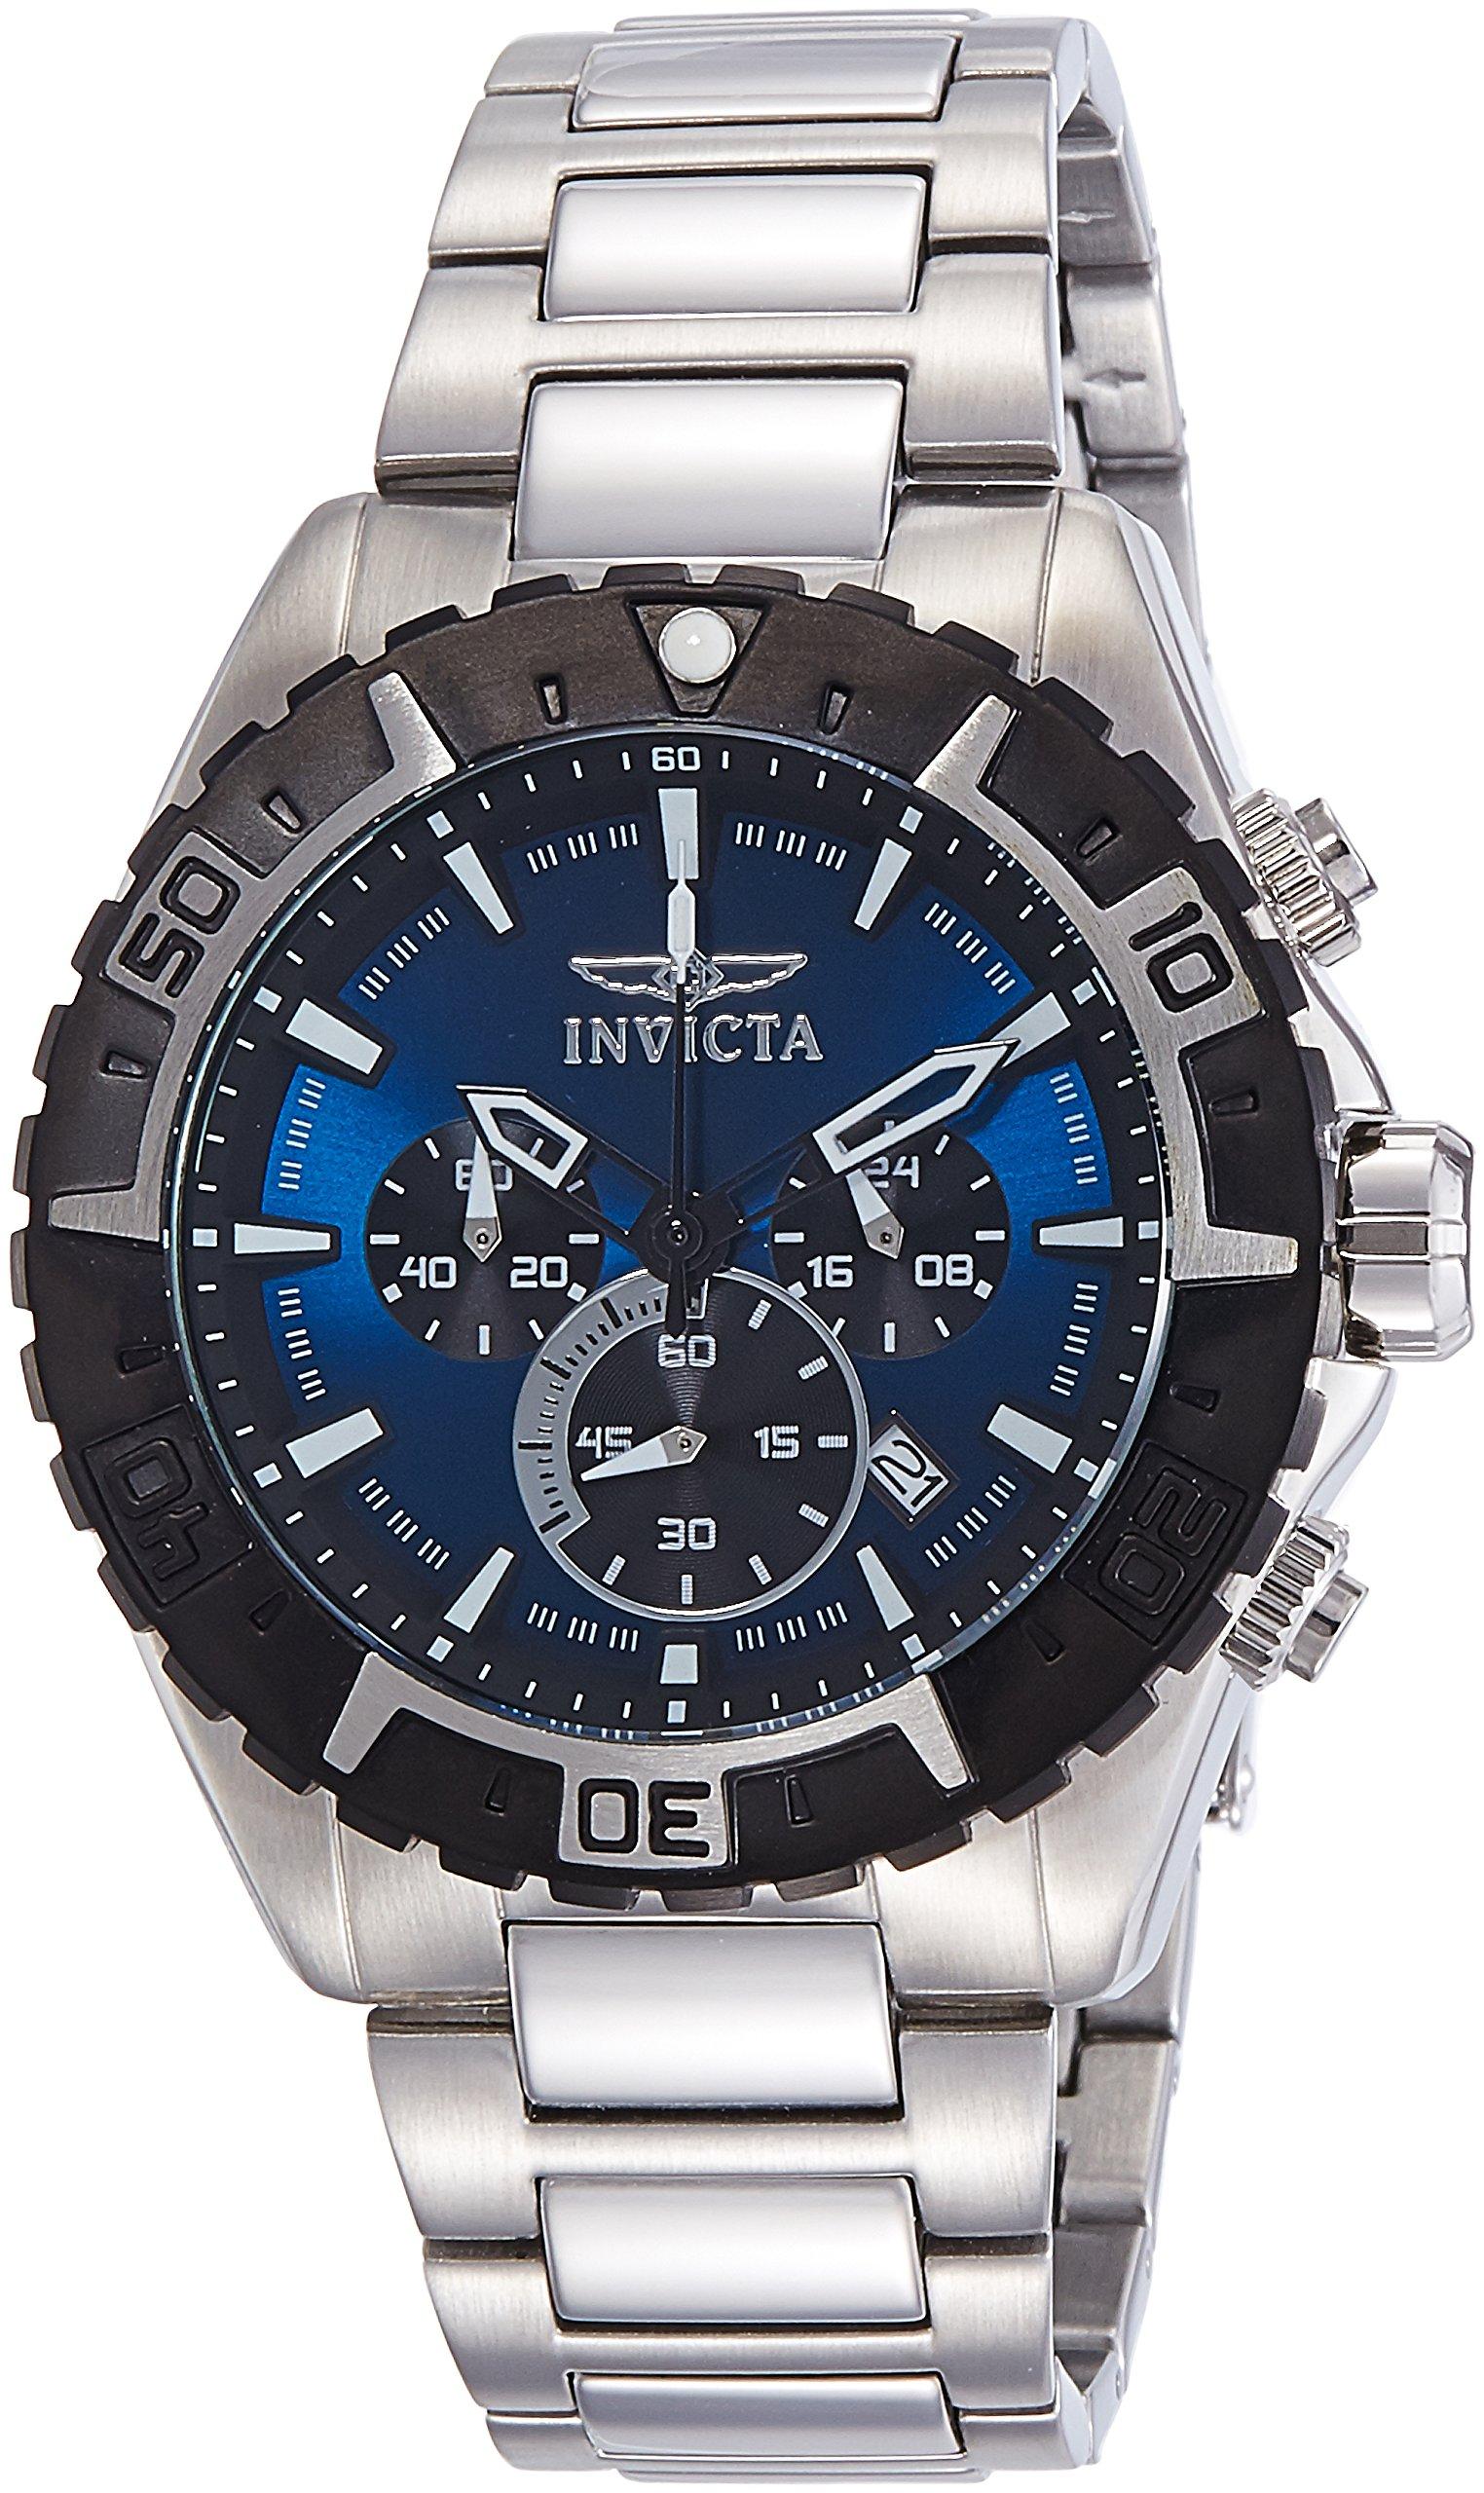 Invicta 22526 Aviator Reloj para Hombre acero inoxidable Cuarzo Esfera azul